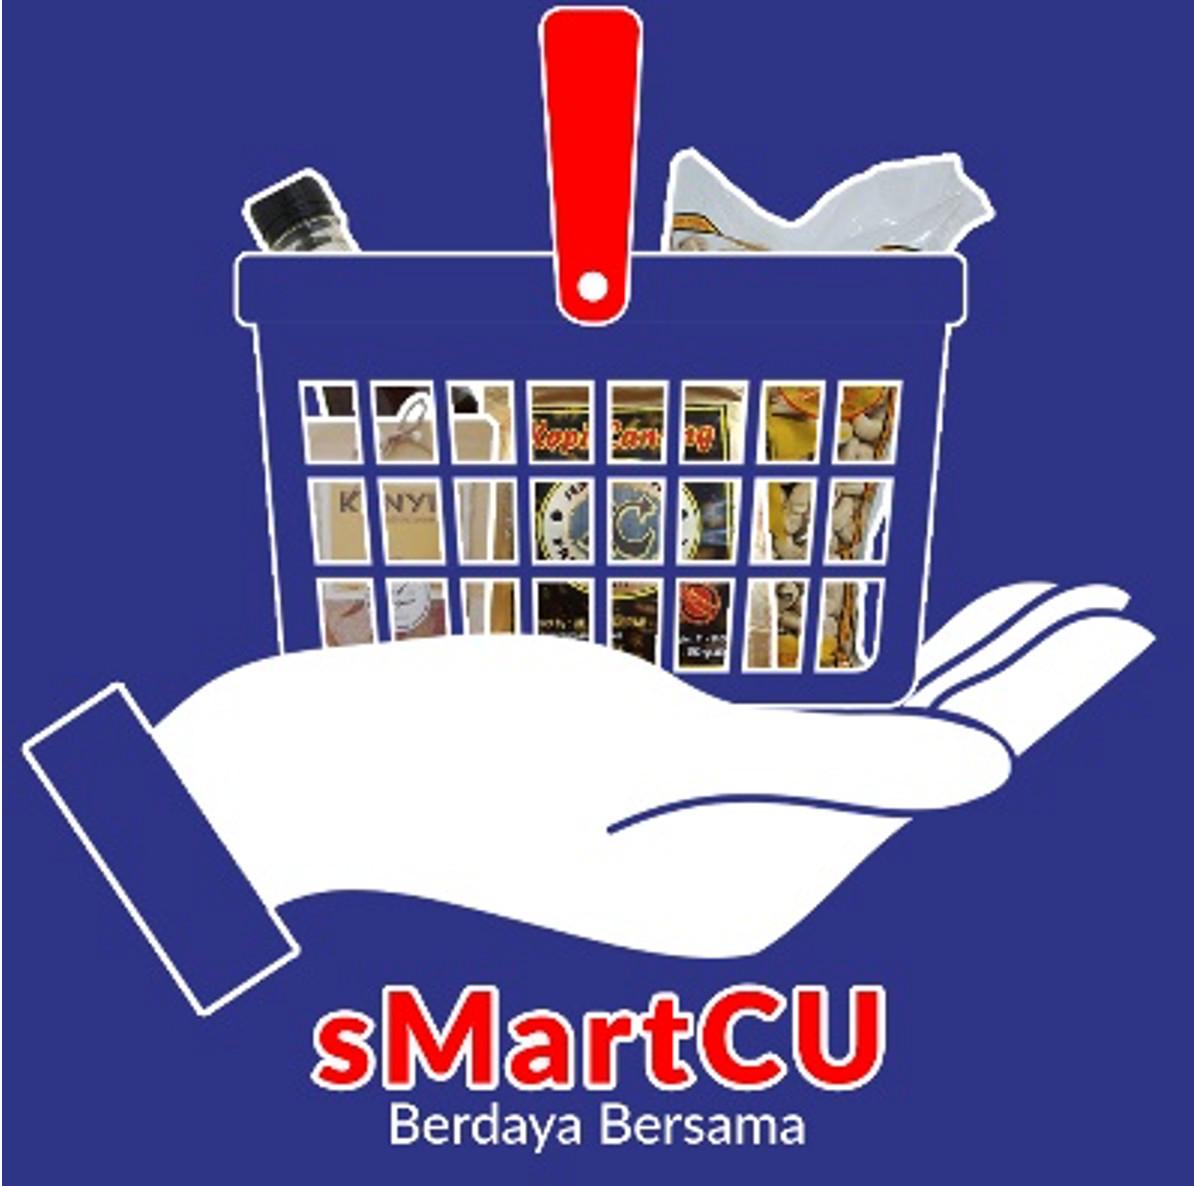 sMartCU: Market Place Credit Union